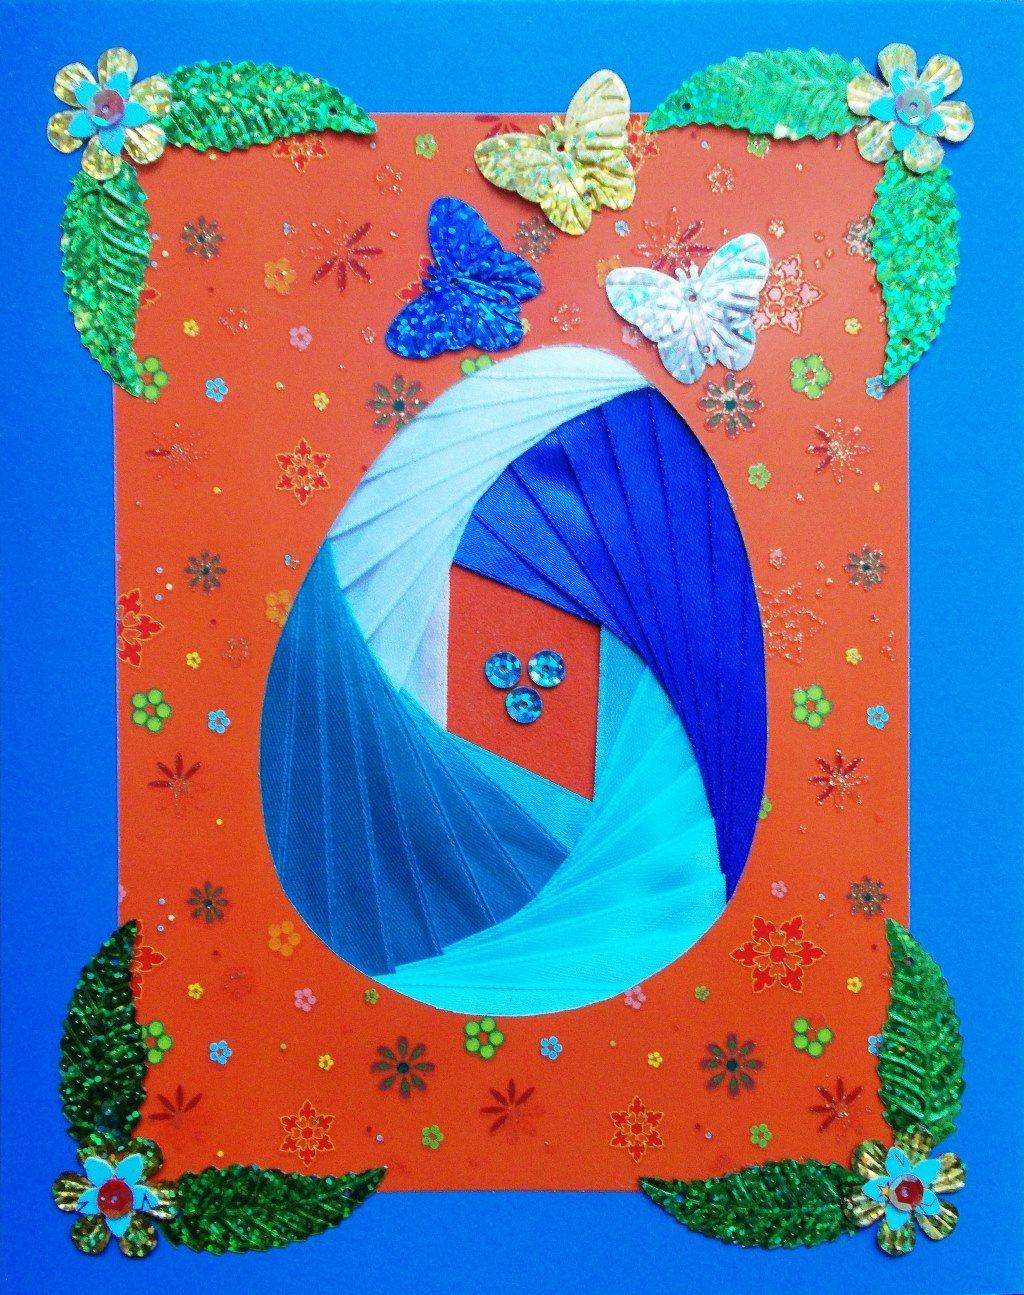 Подснежники анимации, айрис фолдинг пасхальная открытка